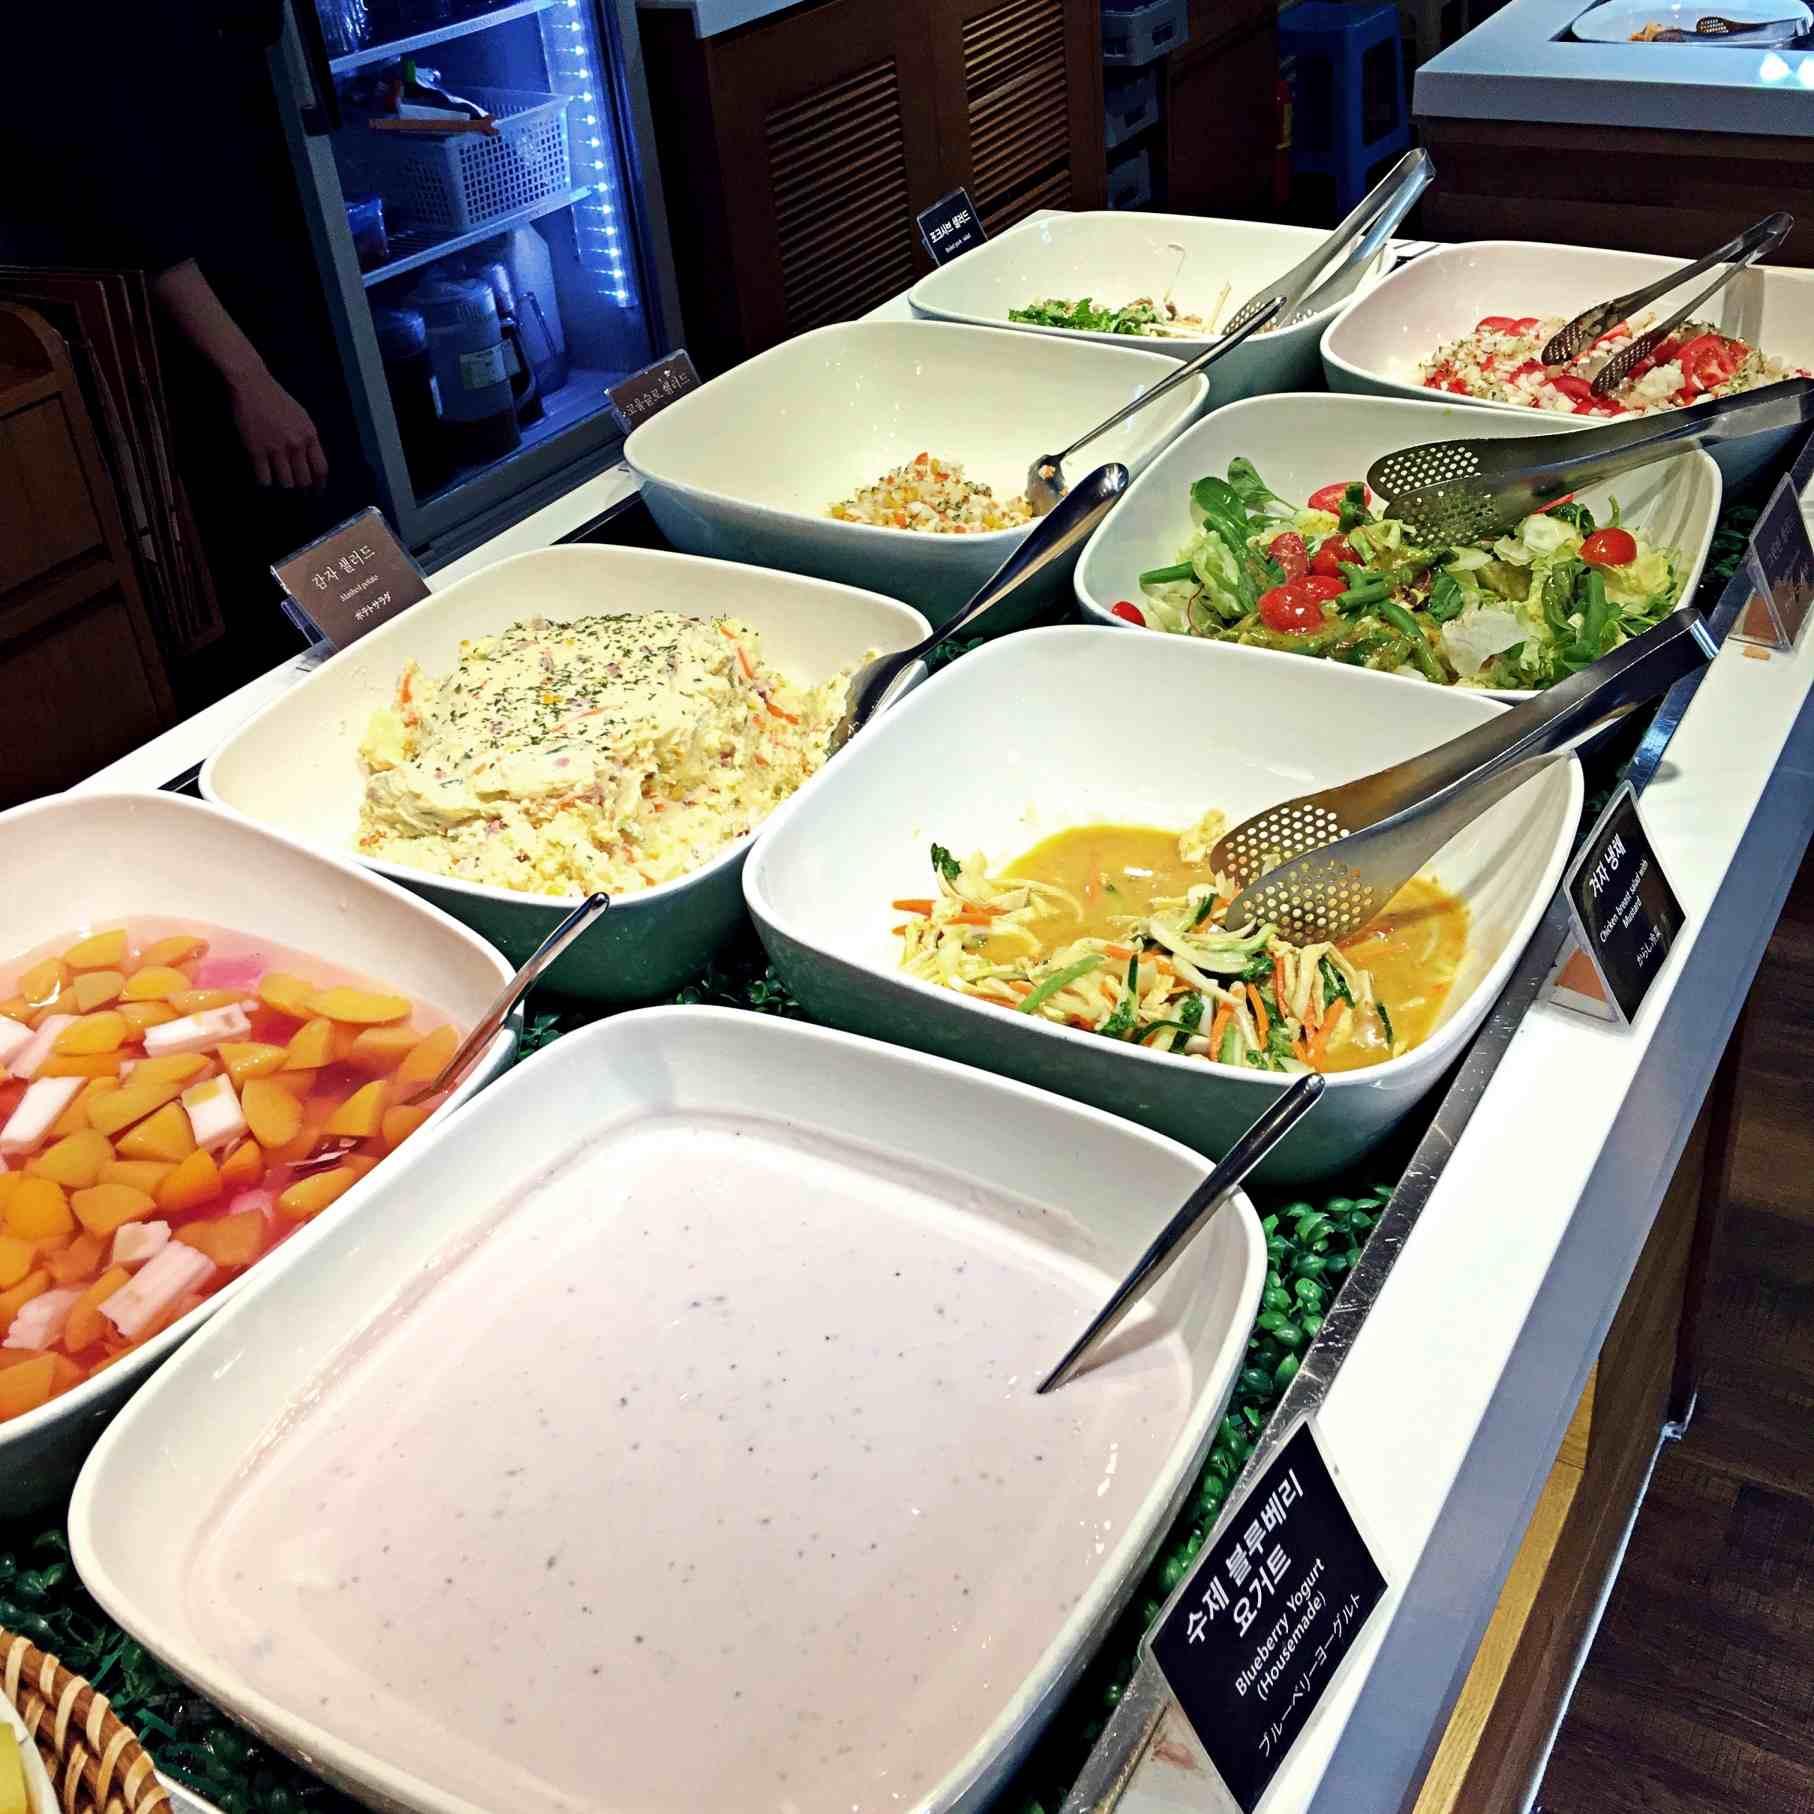 他們的前菜沙拉非常有誠意,除了種類多之外,雞肉沙拉裡面的雞肉放好多!真的很少看到願意在生菜沙拉就放有大量肉的店家啊!